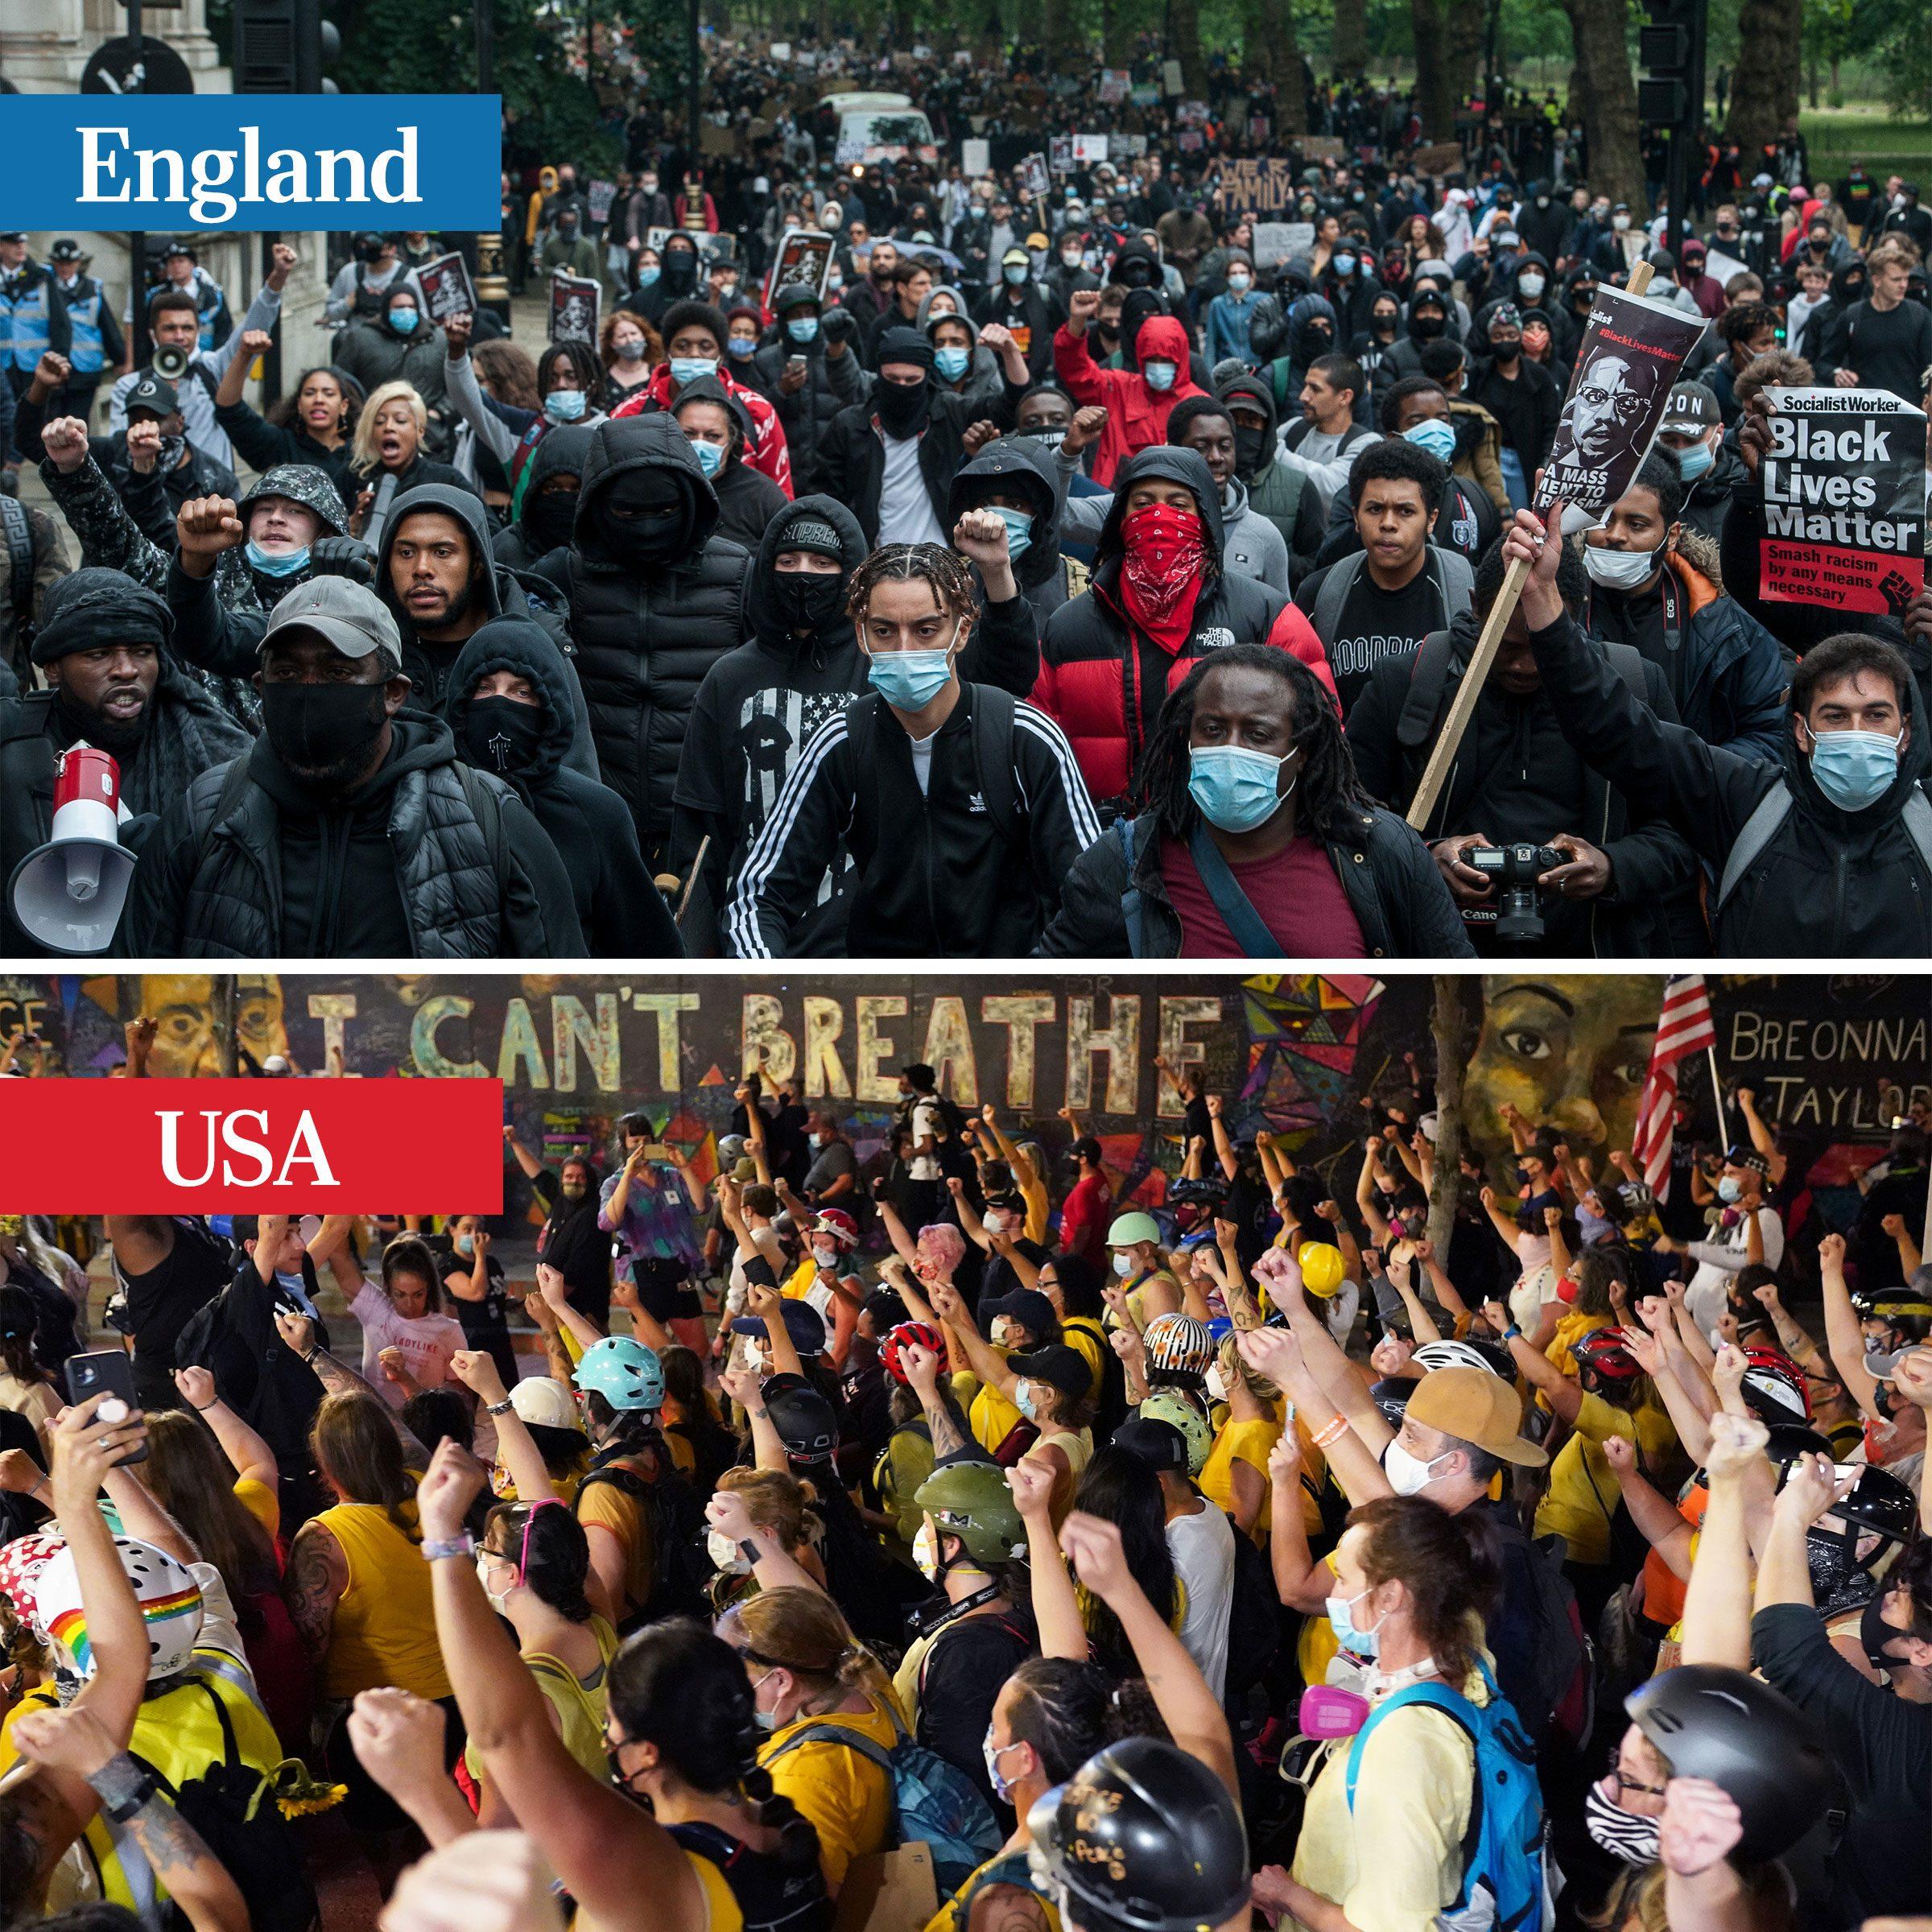 england vs usa - protests